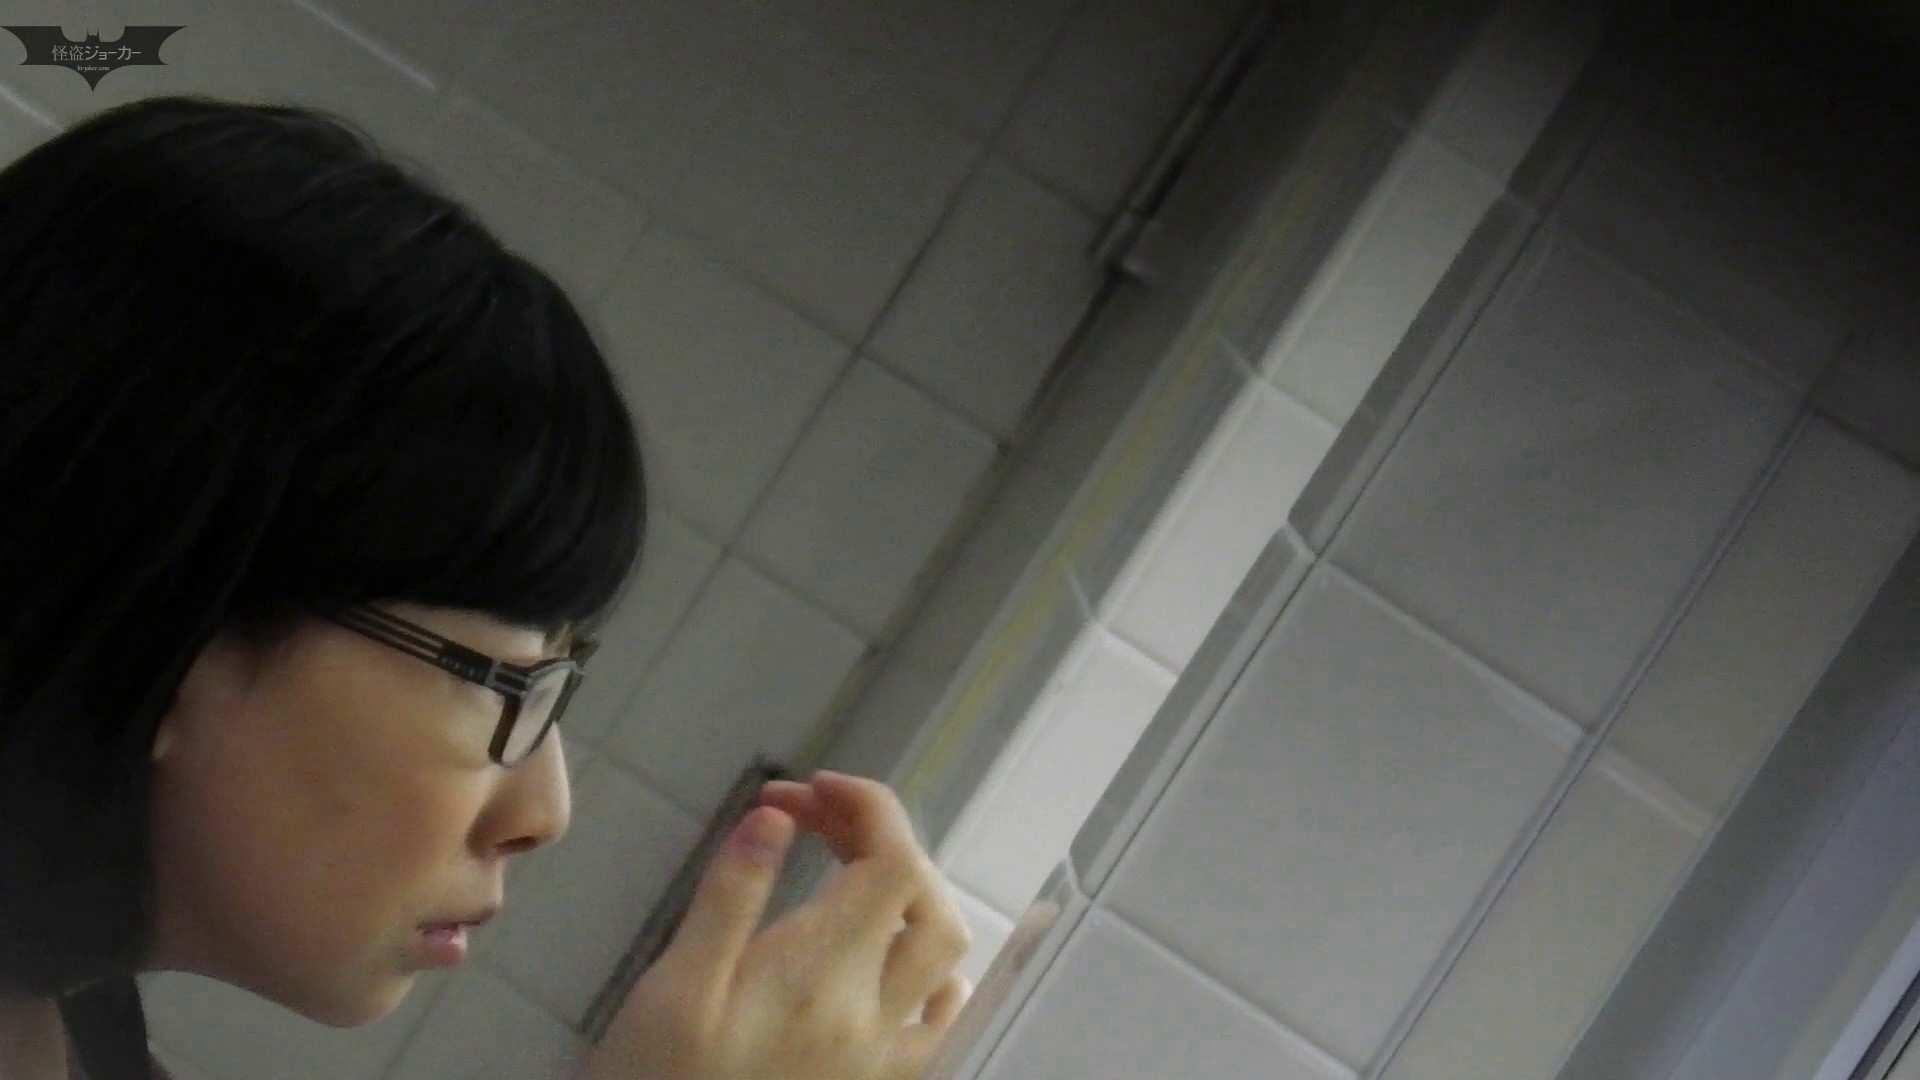 お銀さん vol.59 ピンチ!!「鏡の前で祈る女性」にばれる危機 洗面所着替え | OL  48連発 27